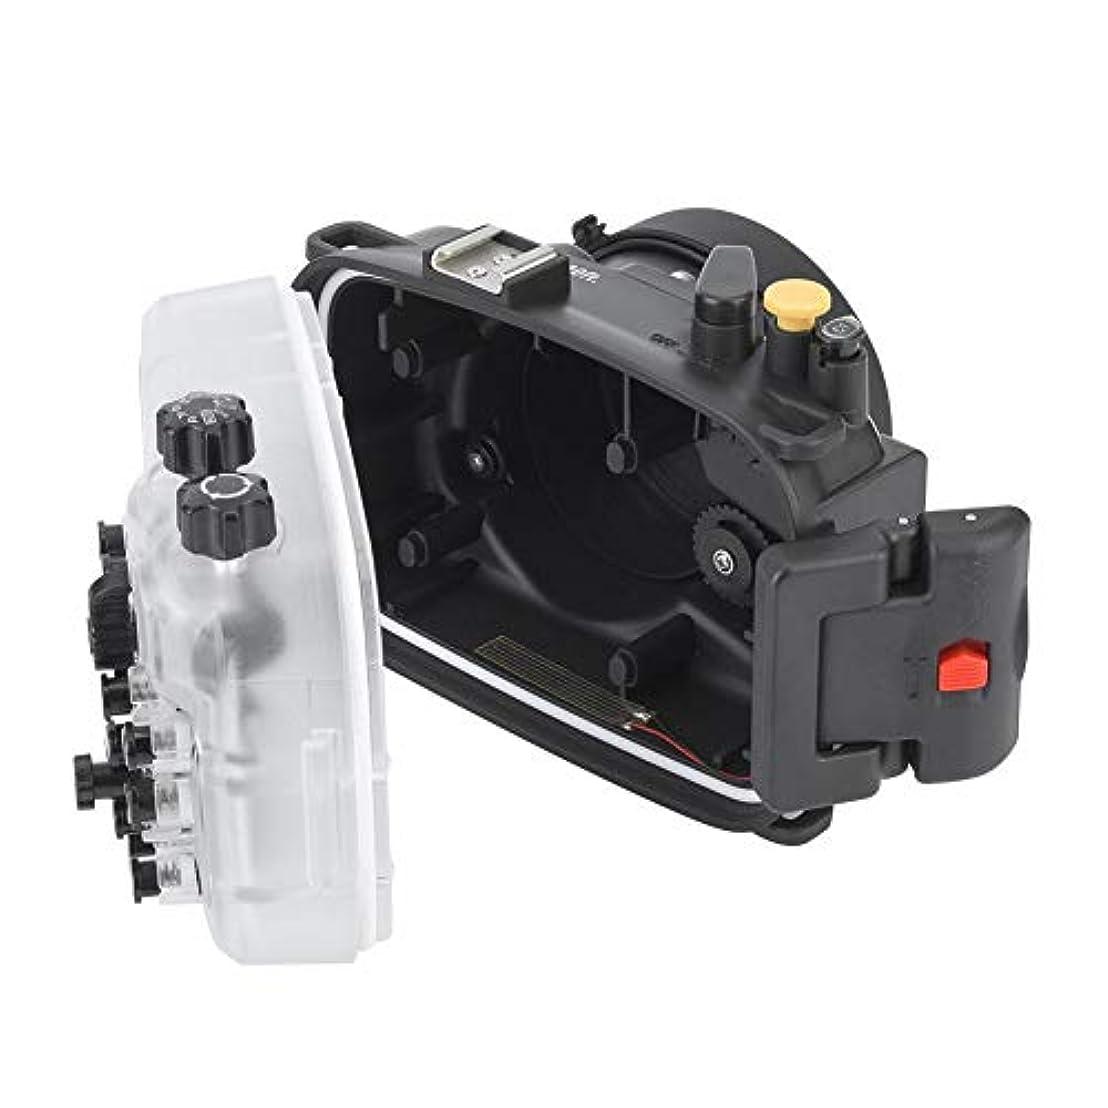 無効アメリカ可動式Mugast カメラケース 130フィート/40m 防水 水中 耐久性 カメラハウジング ダイビングケース 保護カバースキン ダブルシールリング付き A6400カメラ用